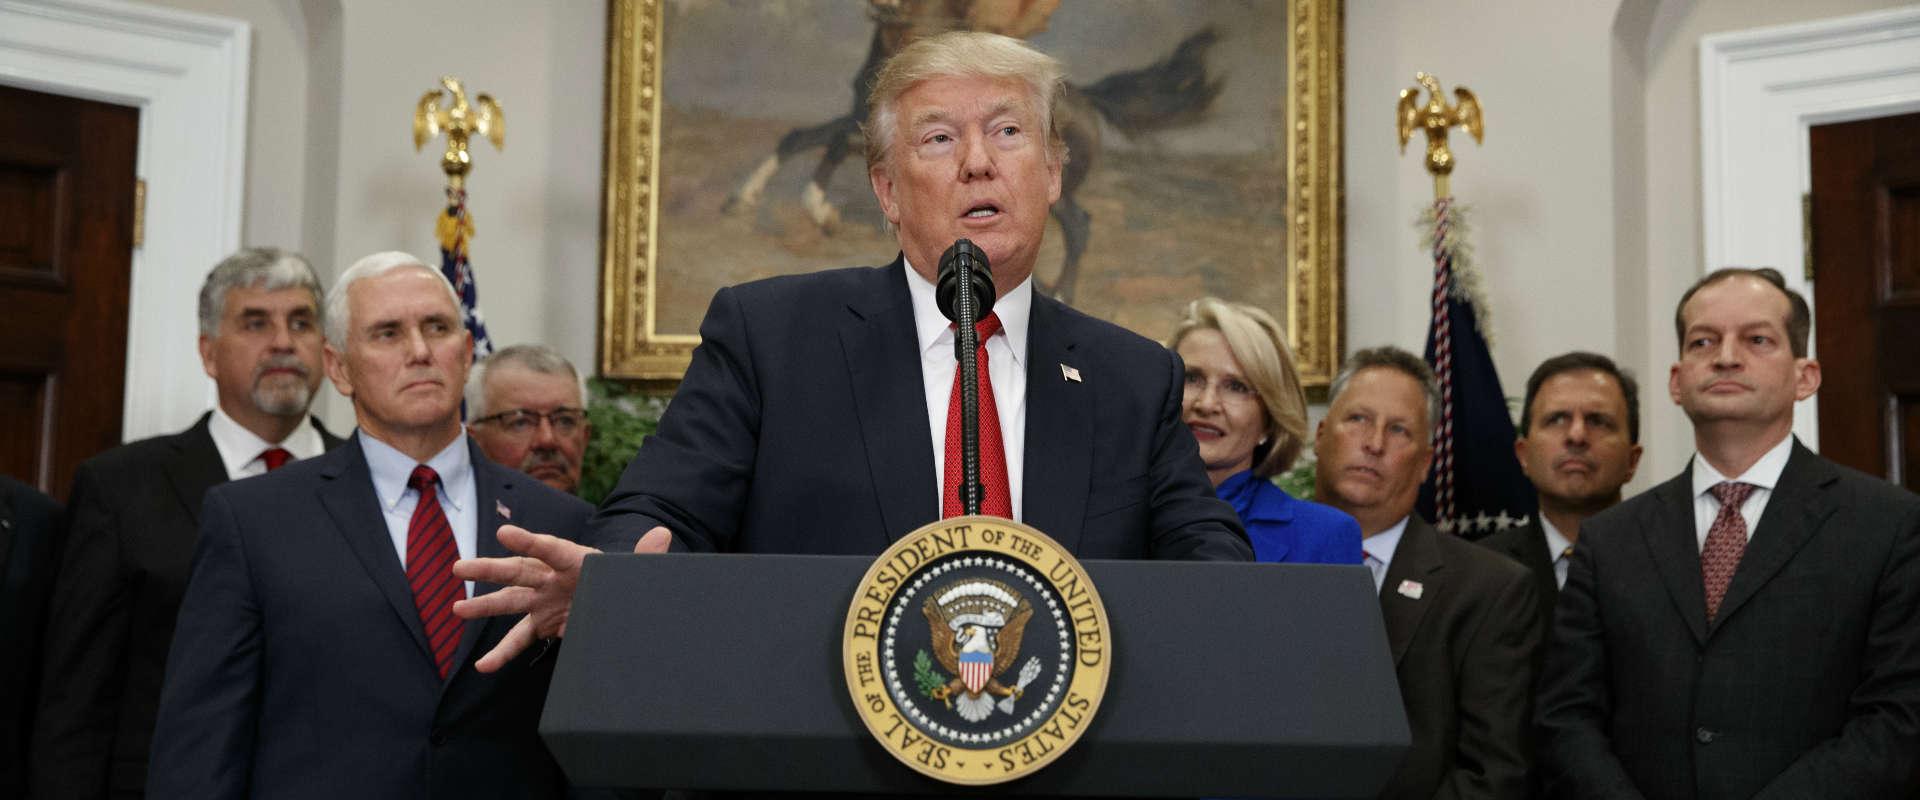 """נשיא ארה""""ב, דונלד טראמפ, בבית הלבן, אתמול"""